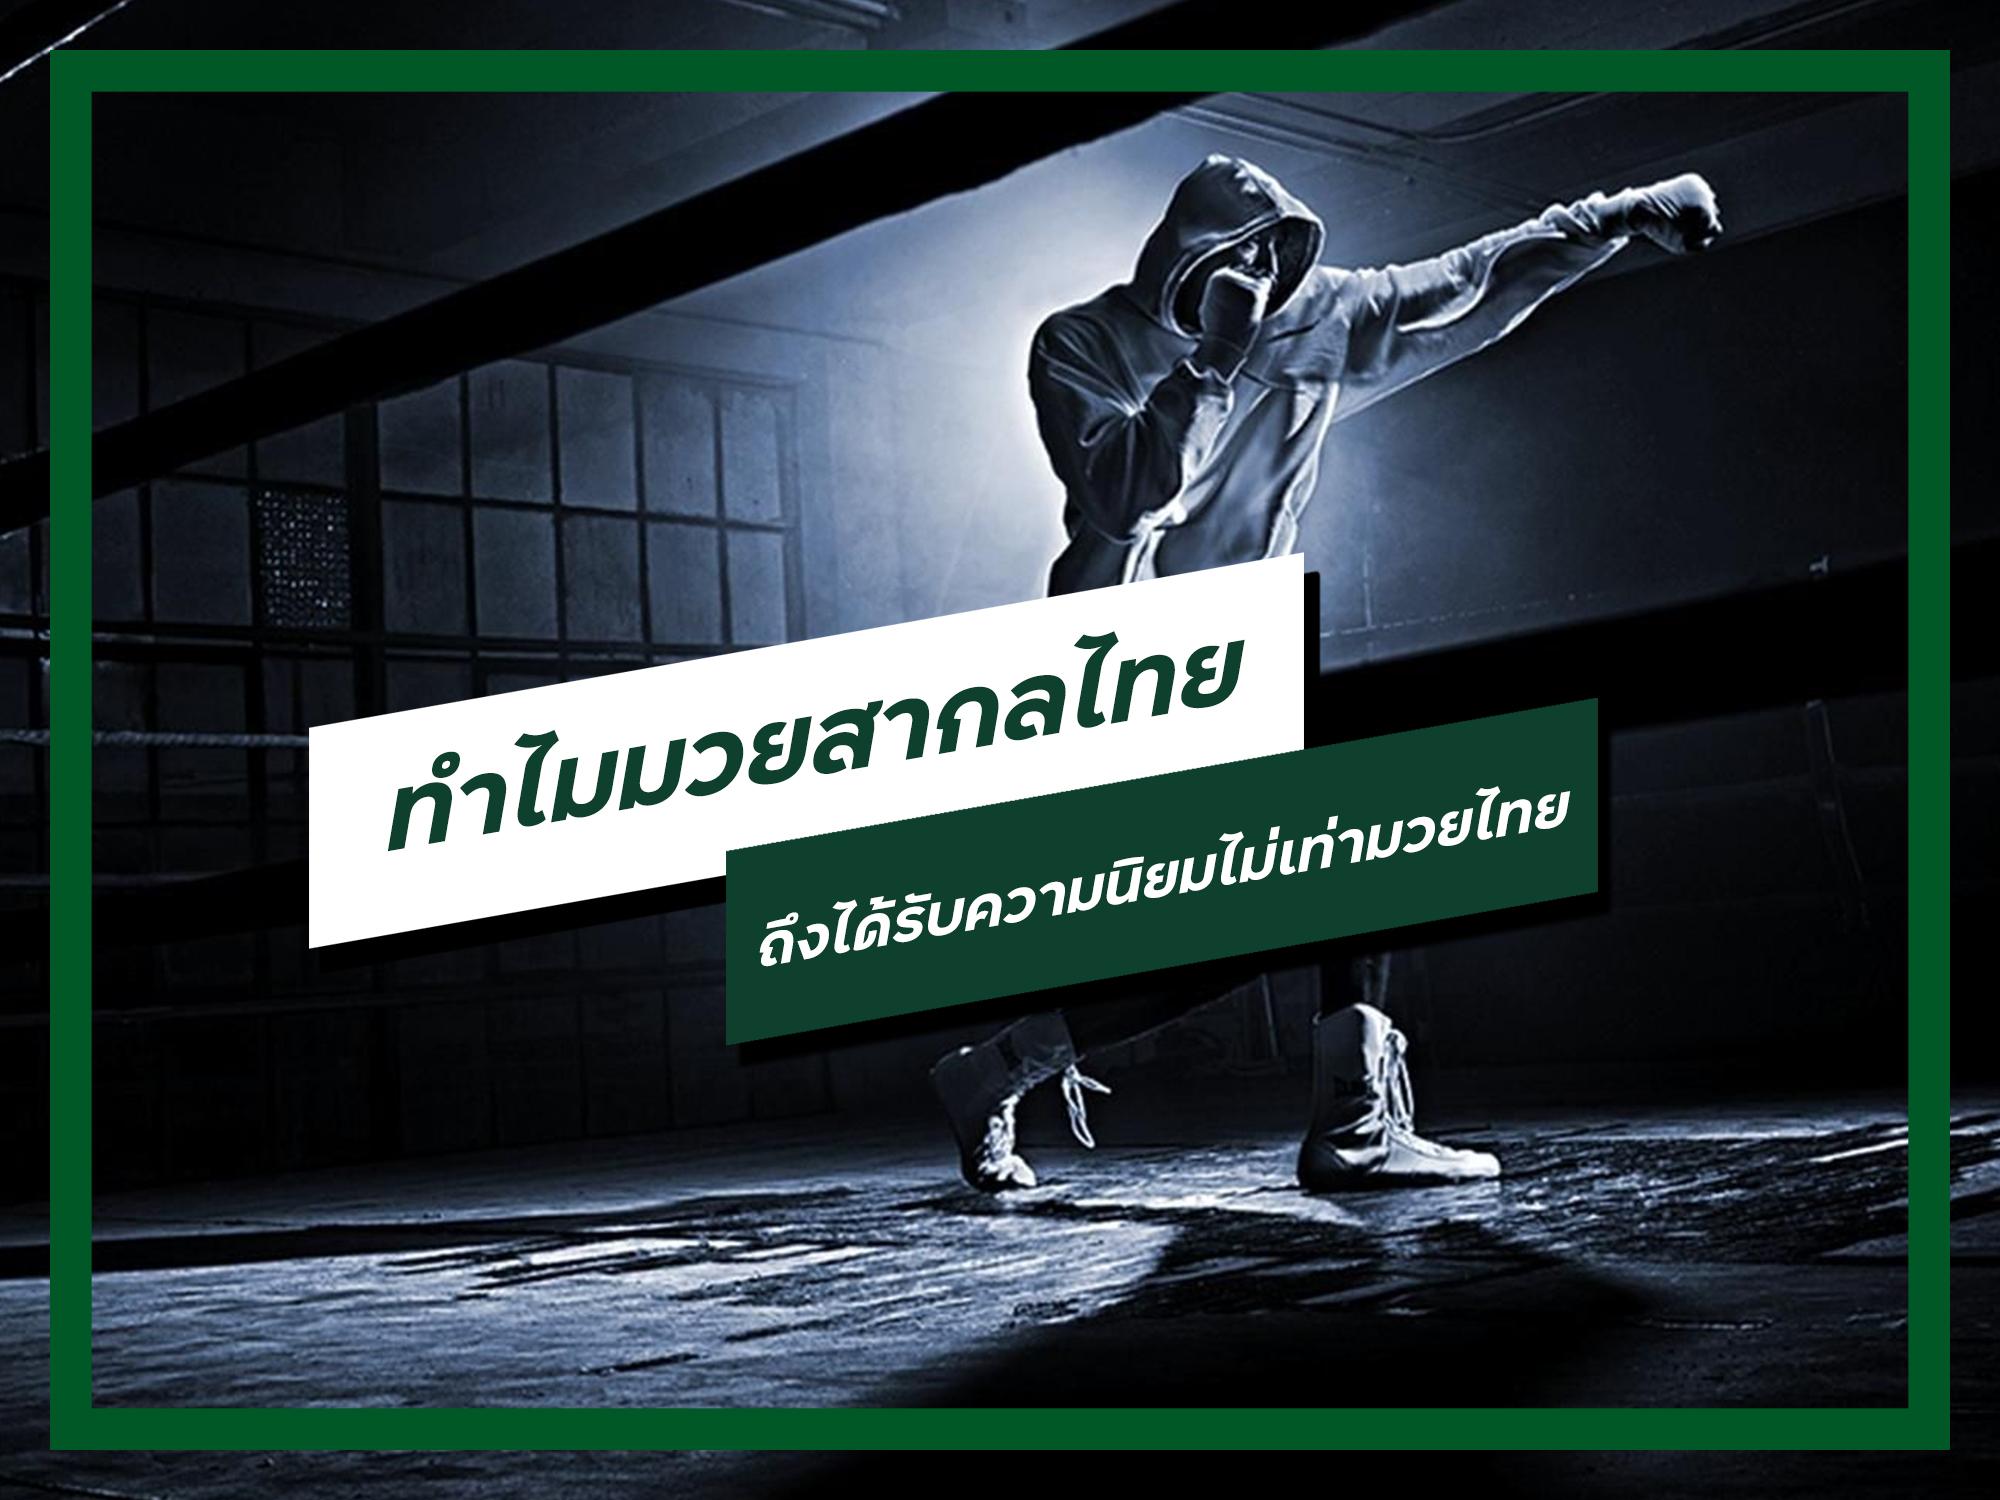 มวยสากลไทย ทำไมมวยสากลไทย ถึงได้รับความนิยมไม่เท่ามวยไทย